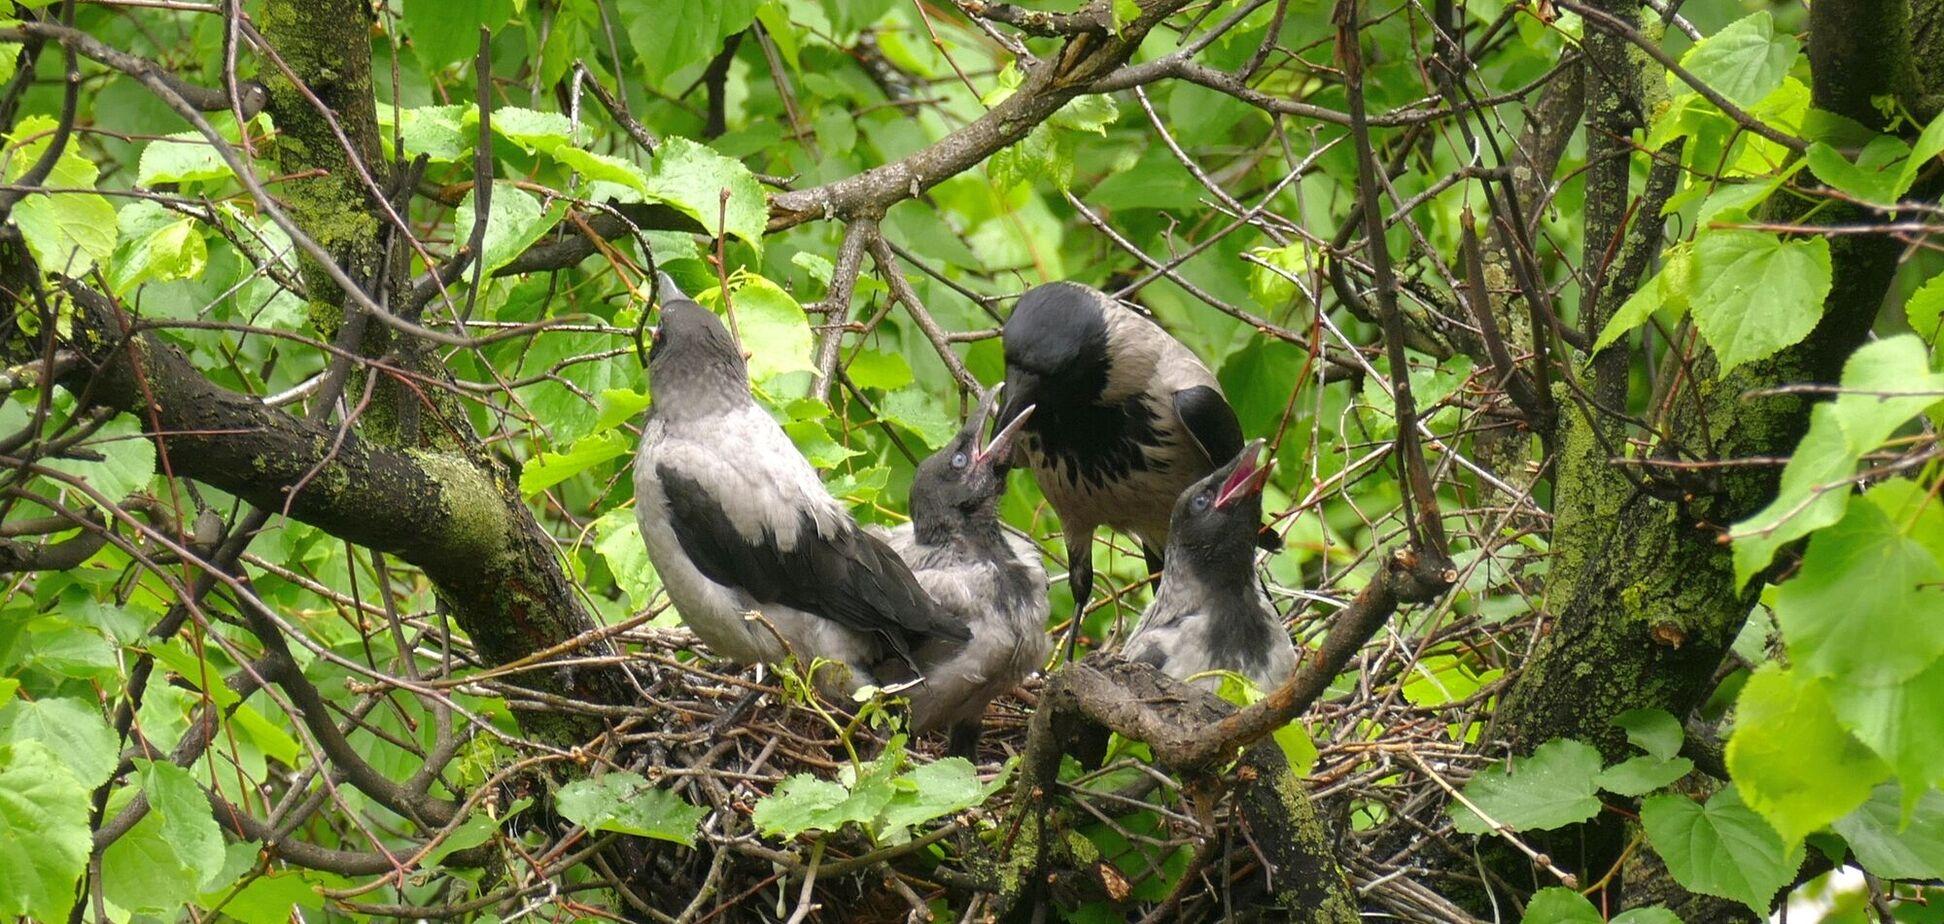 Птах атакував перехожих, які йшли біля дерева